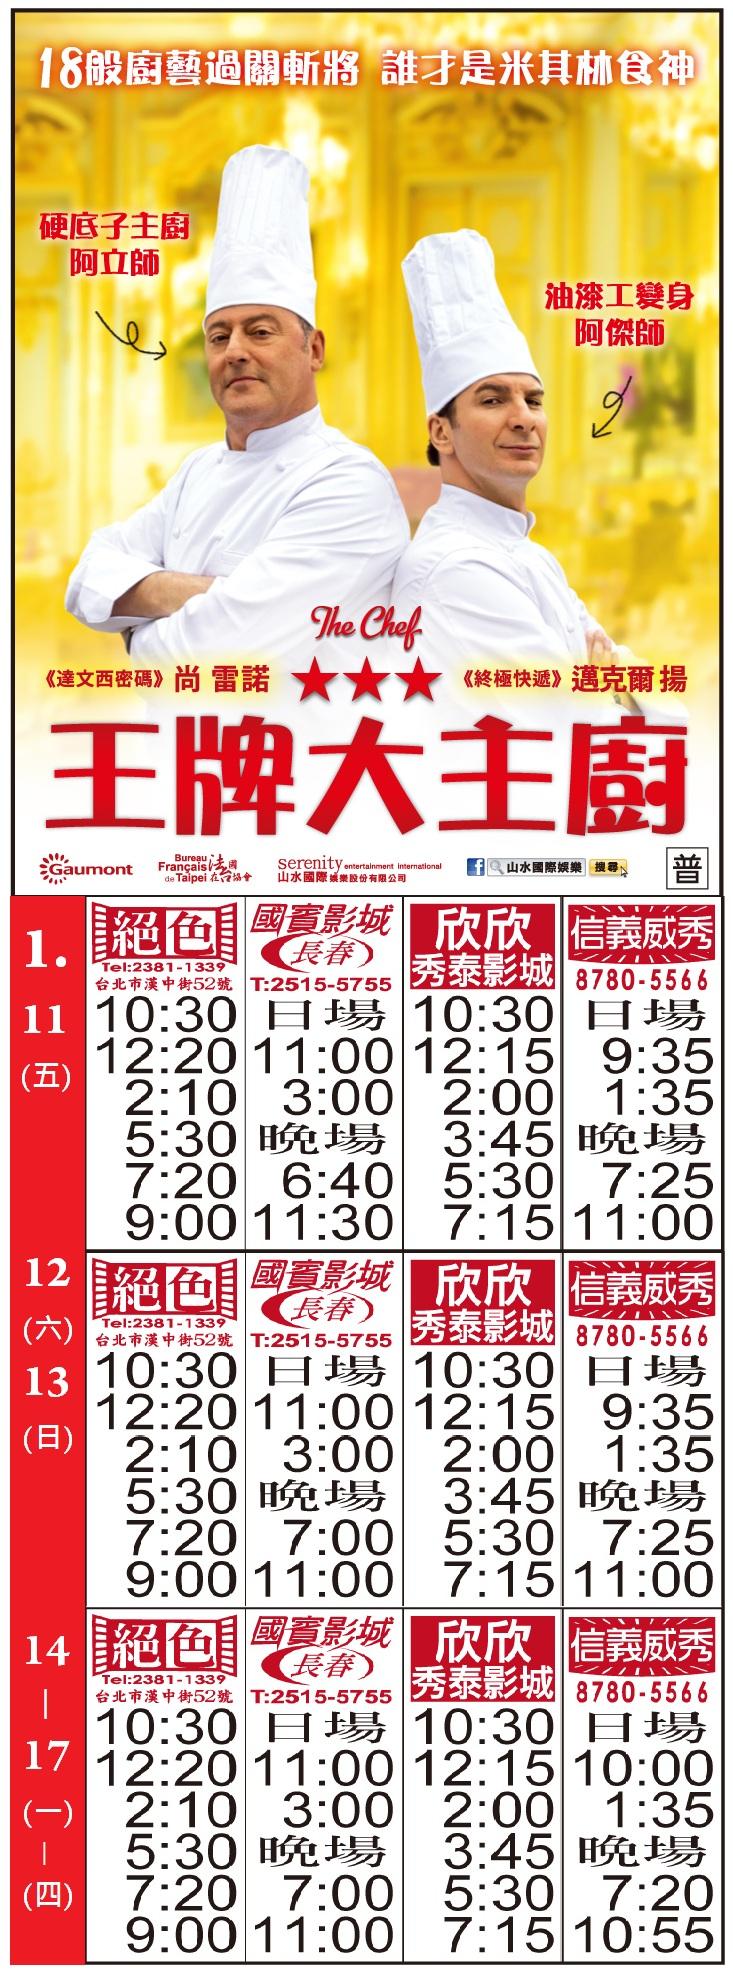 01-11-17 王牌大主廚上片